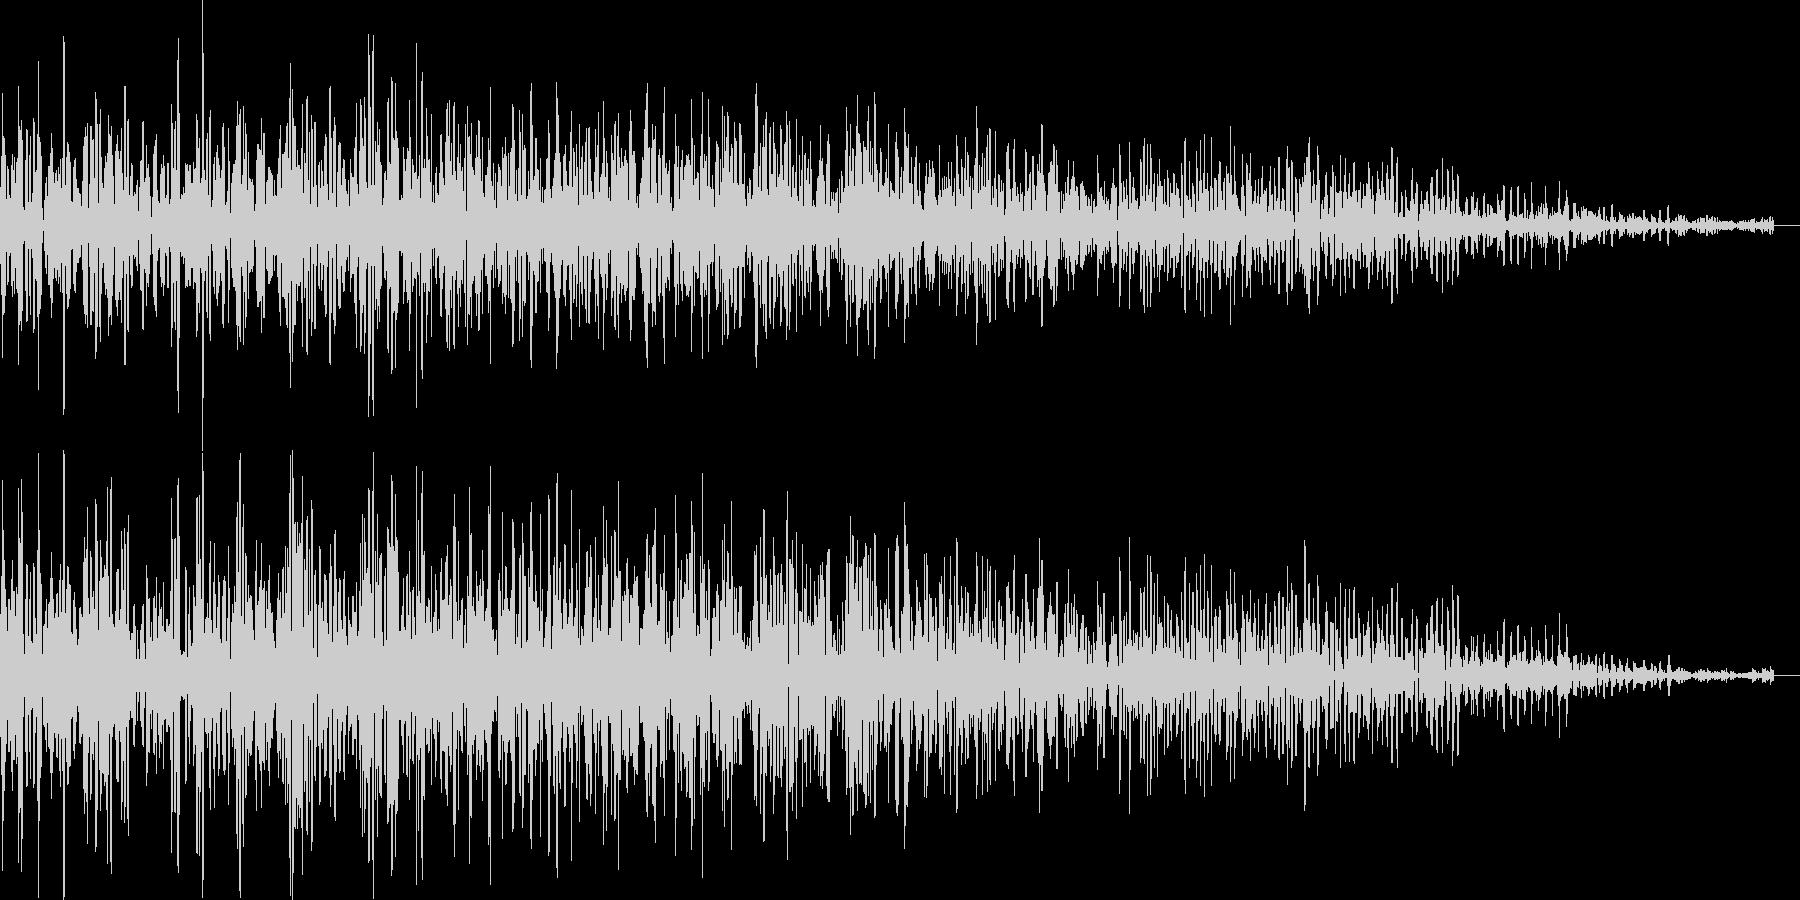 ロボットの動作音(遠くで響く)の未再生の波形